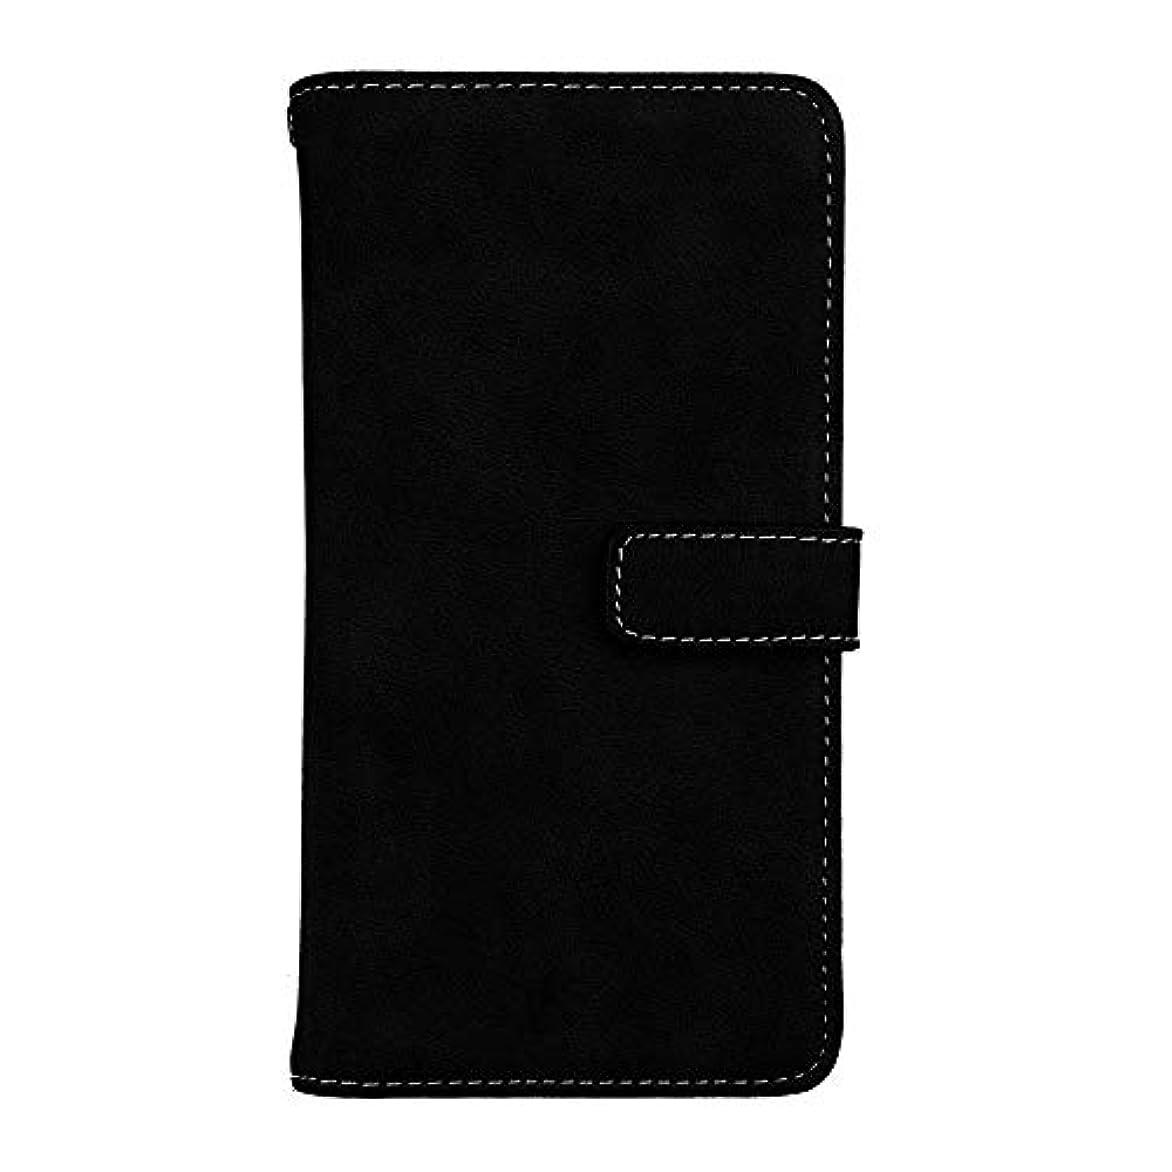 傷つきやすいマットレス確立Xiaomi Redmi Note 5 高品質 マグネット ケース, CUNUS 携帯電話 ケース 軽量 柔軟 高品質 耐摩擦 カード収納 カバー Xiaomi Redmi Note 5 用, ブラック